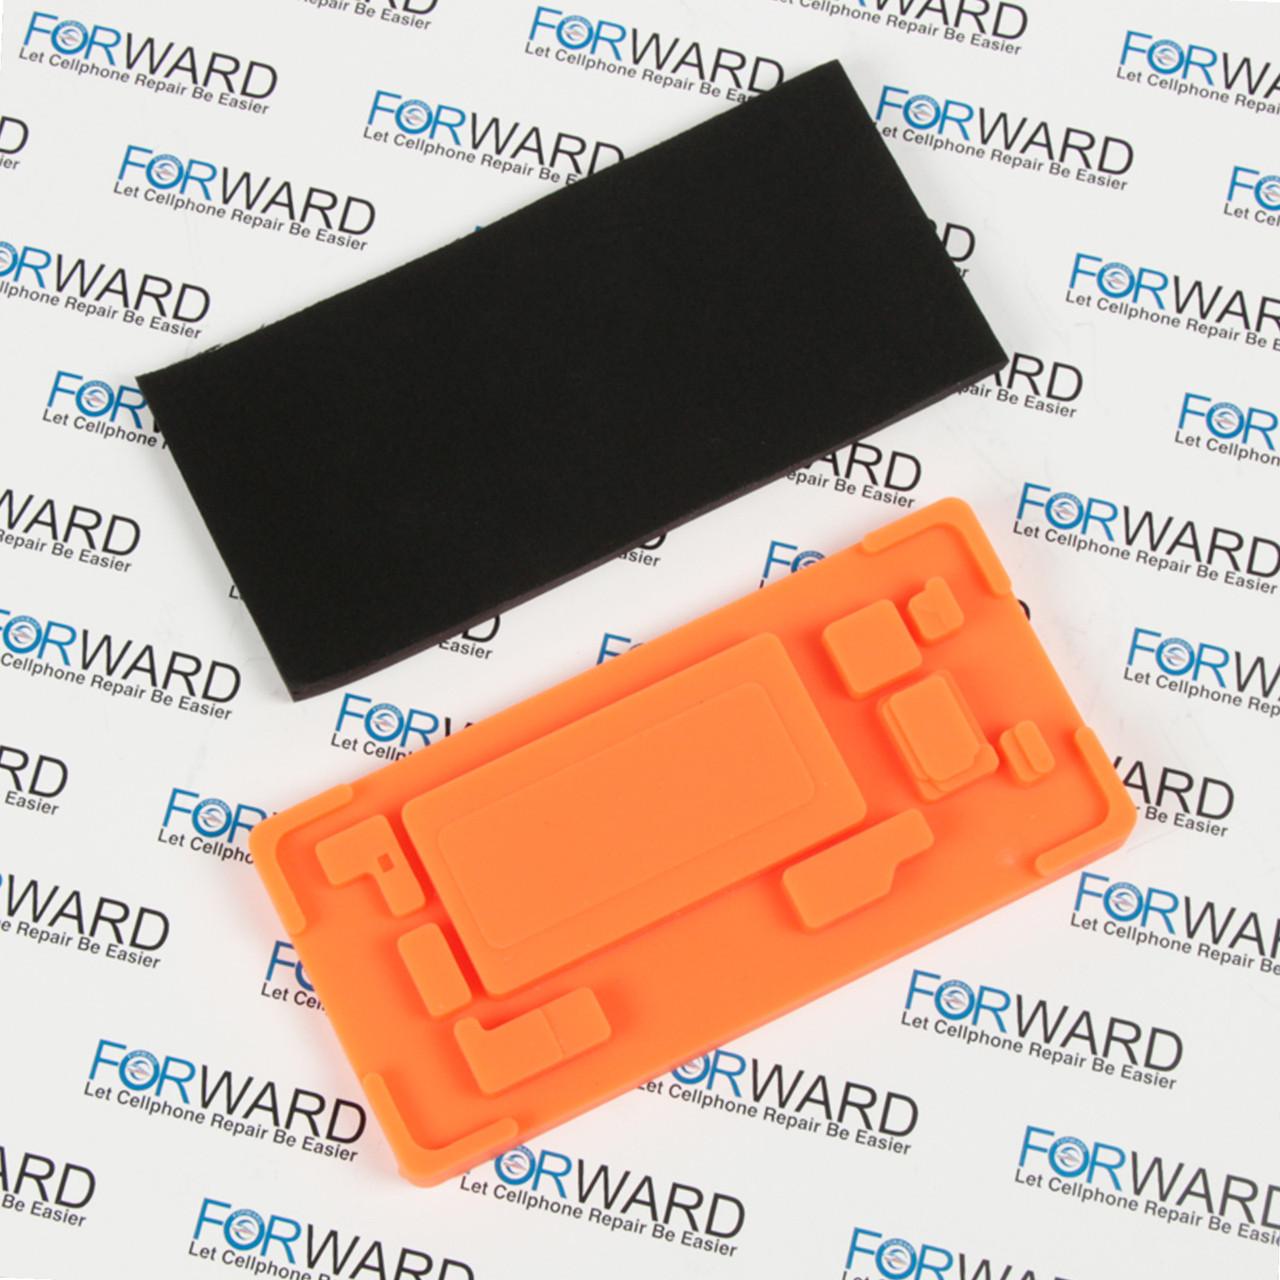 Формы для фиксации дисплея Samsung Galaxy S8+, G955F силикон и пористая резина